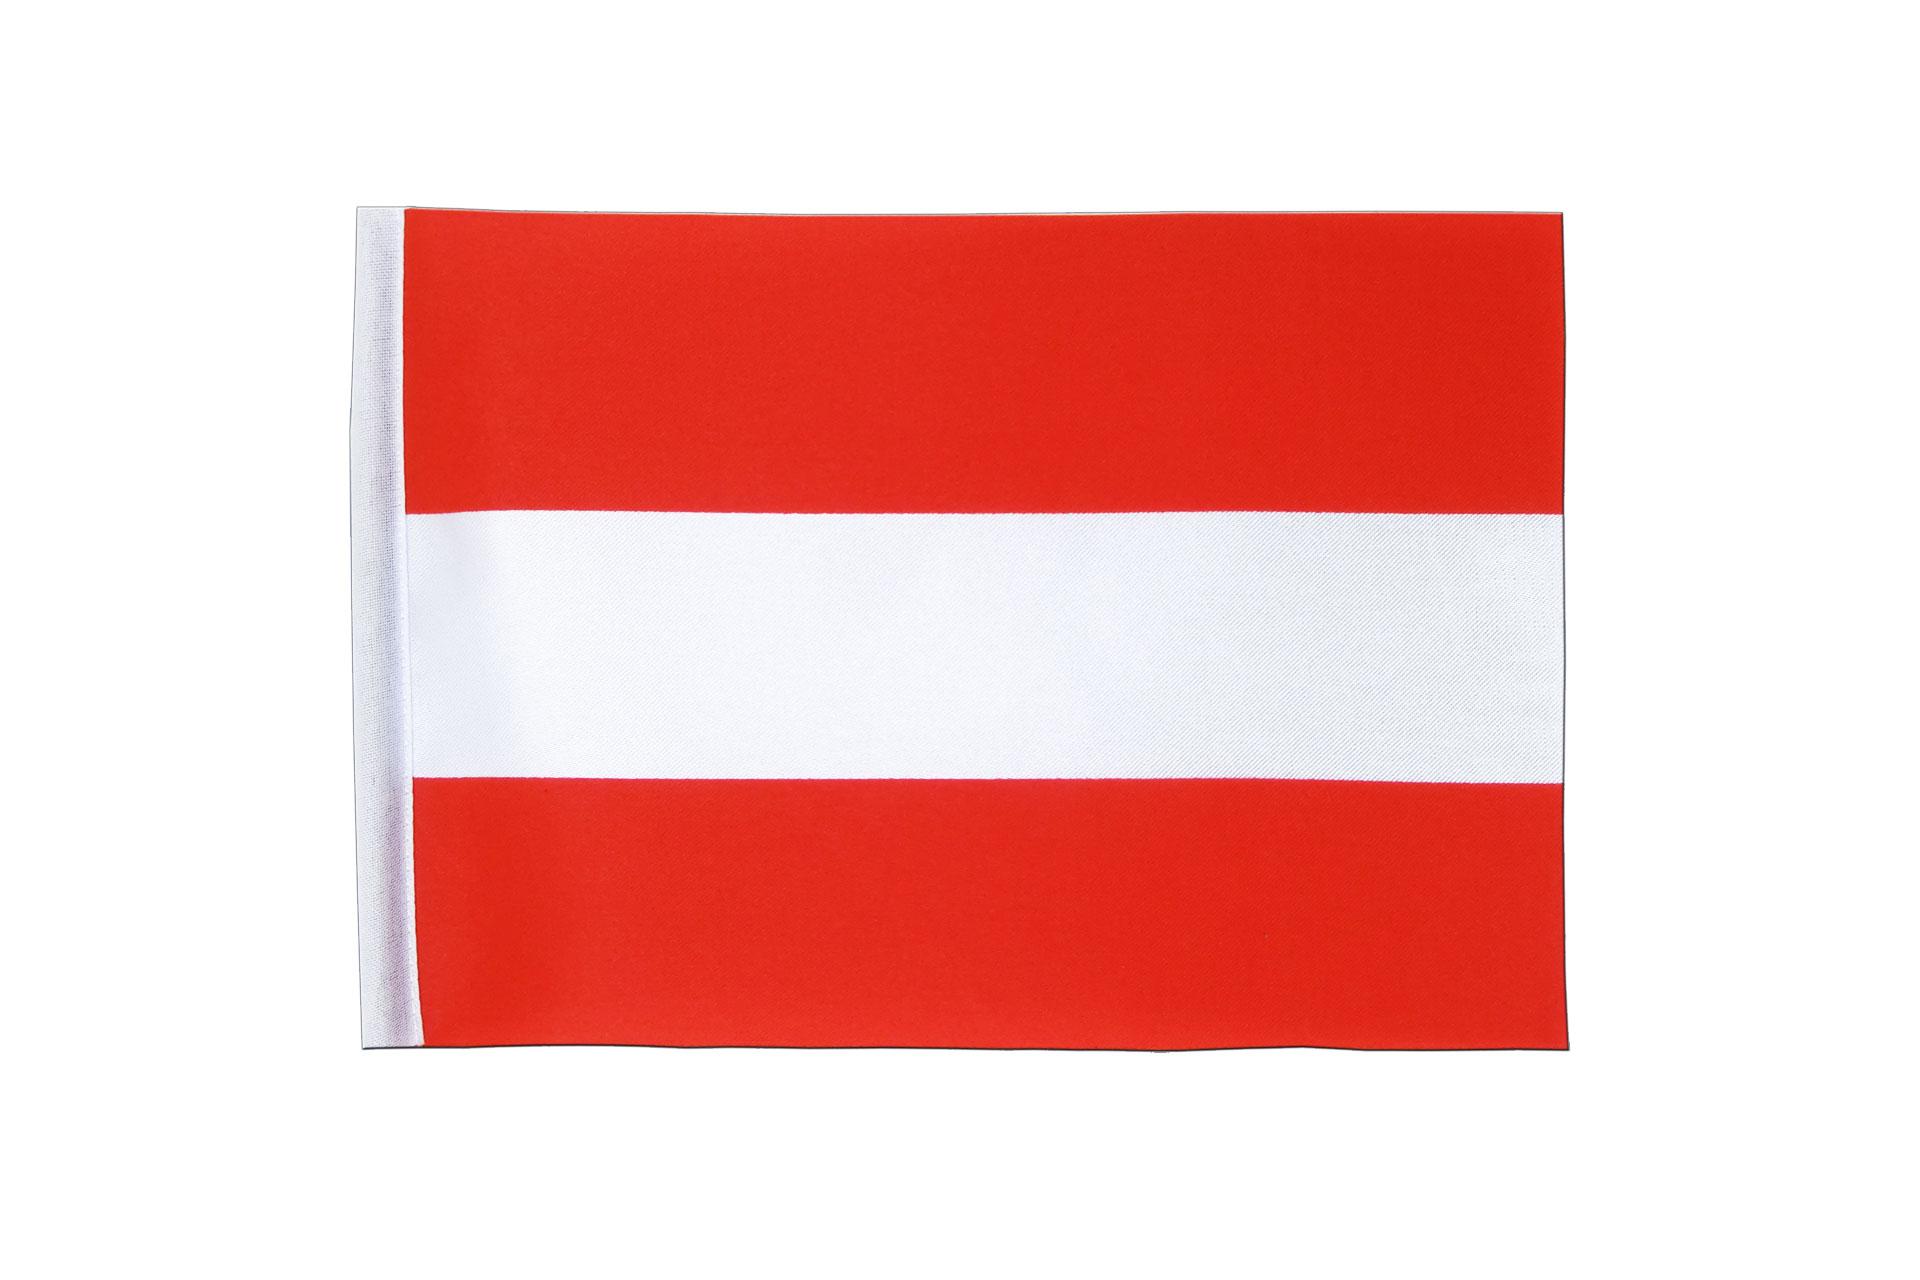 oesterreich-satin-flagge-4997.jpg